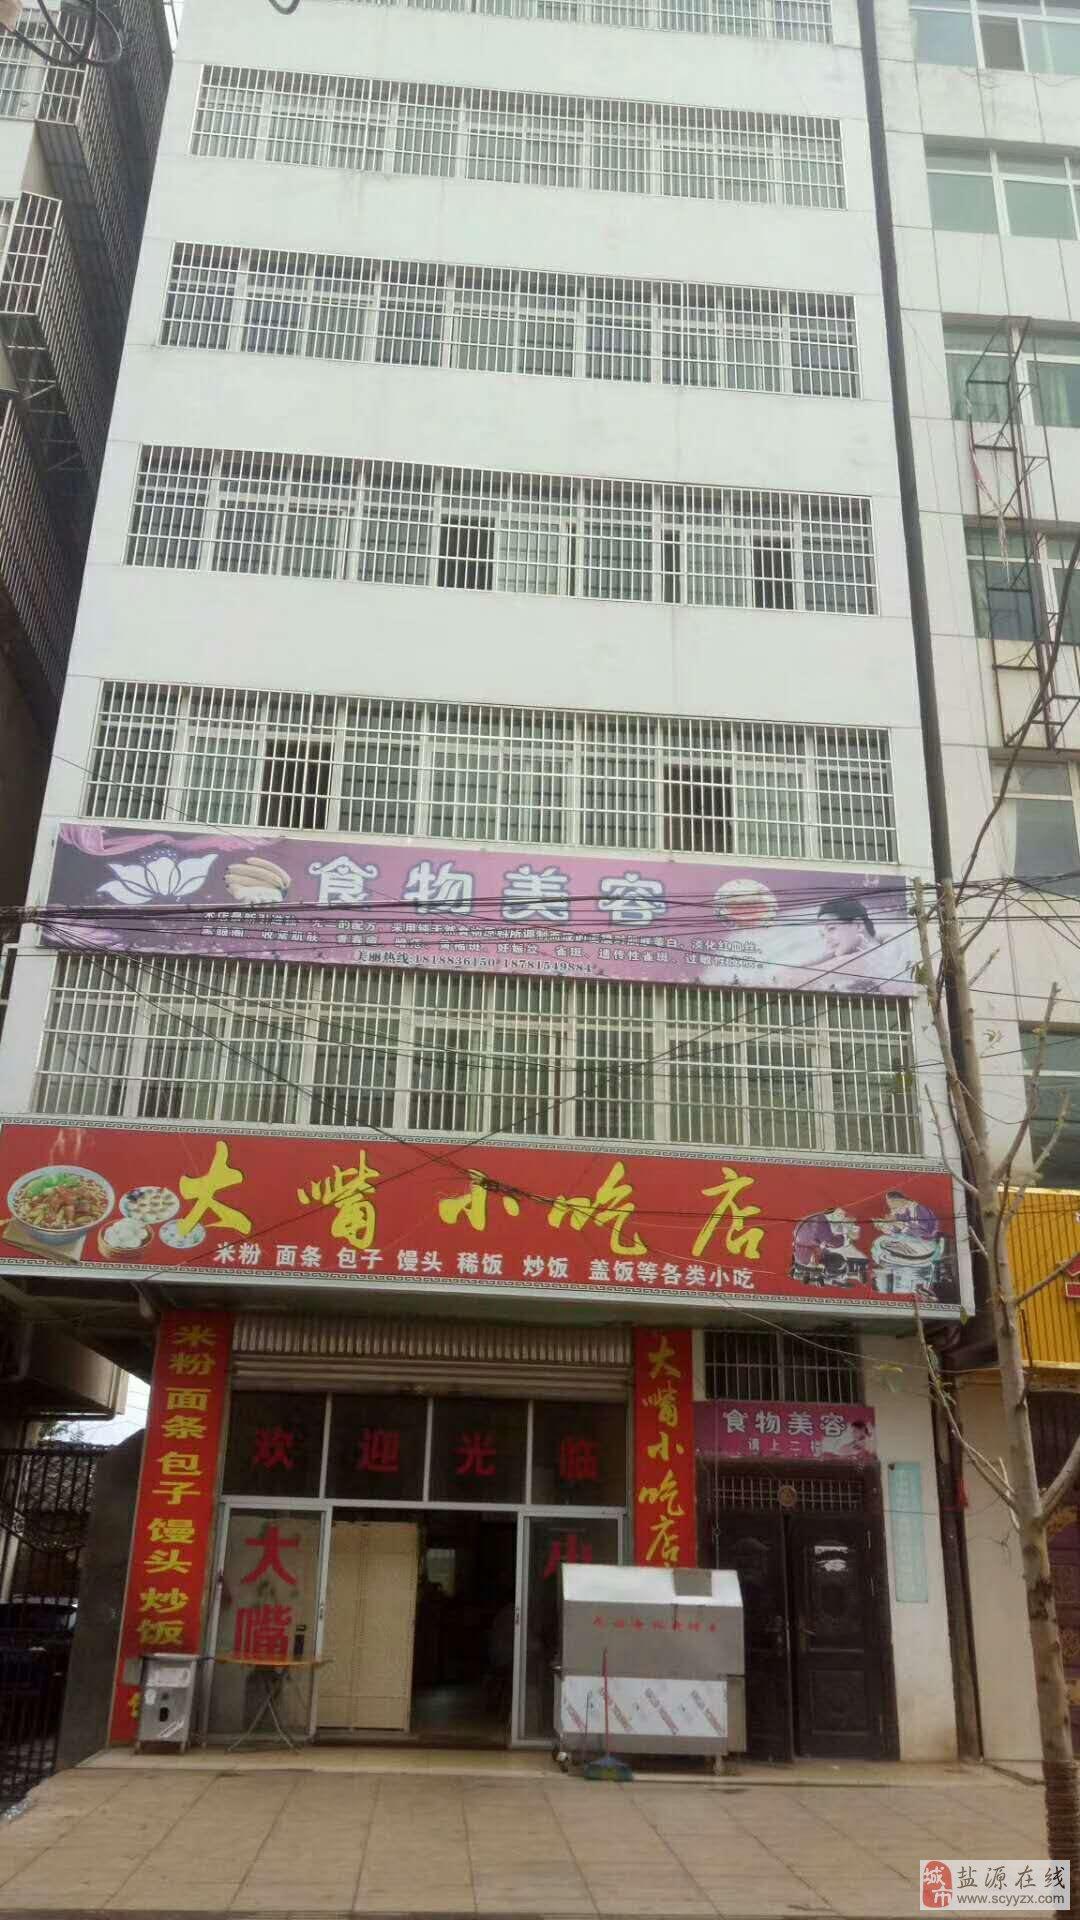 盐源县盐井镇太安路22号原奇滋味火锅旁清水房3至5楼出售